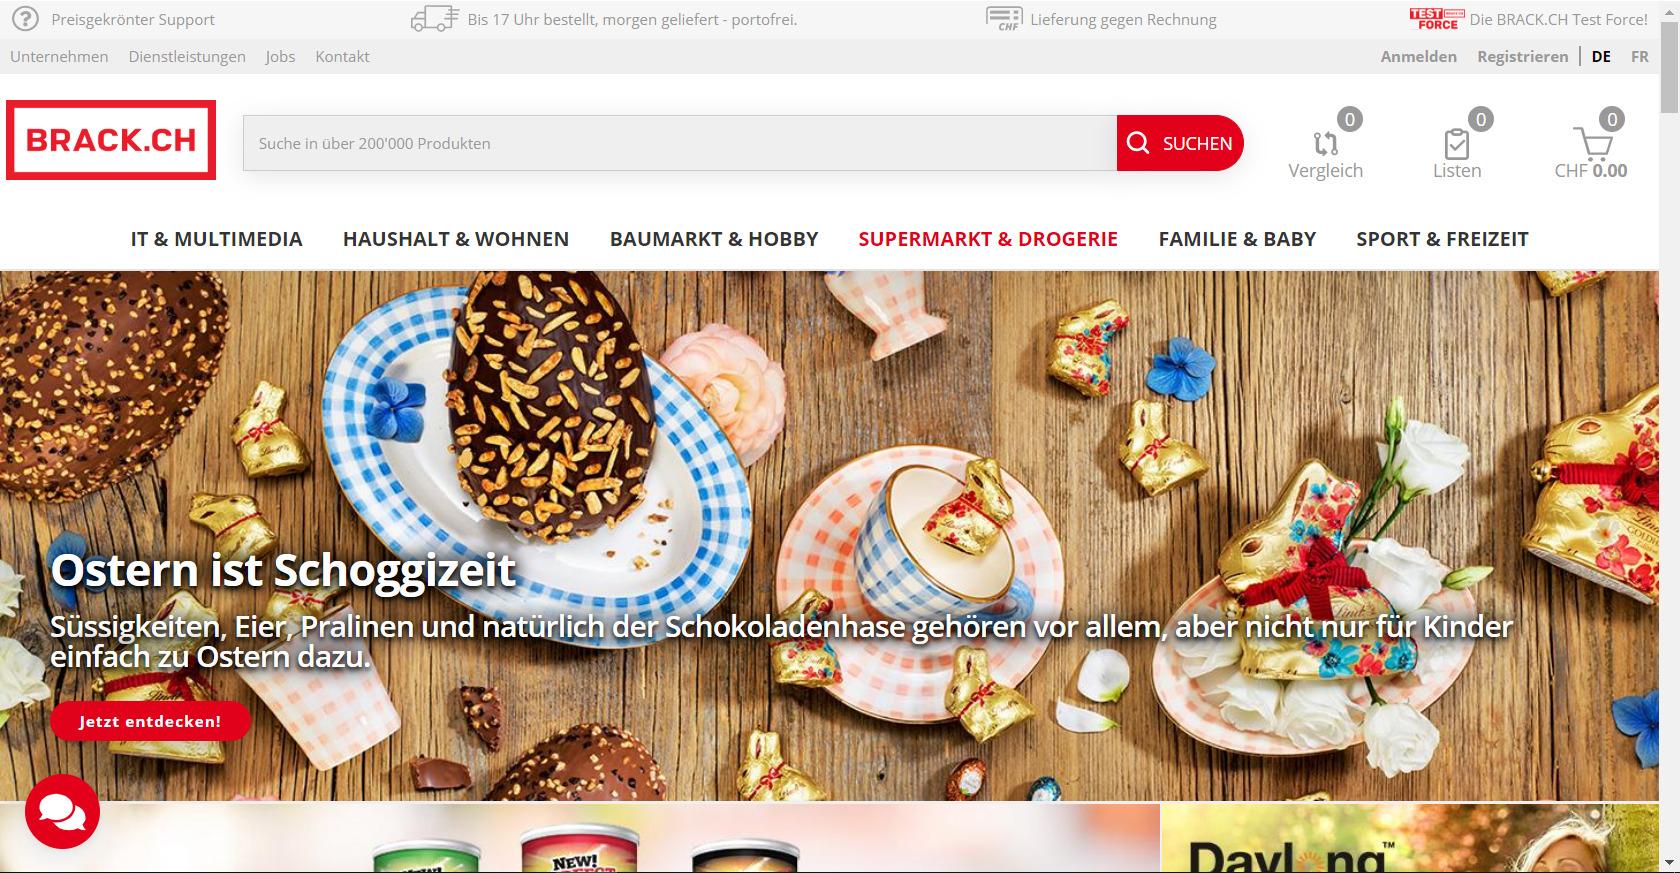 BRACK.CH Startseite Supermarkt & Drogerie